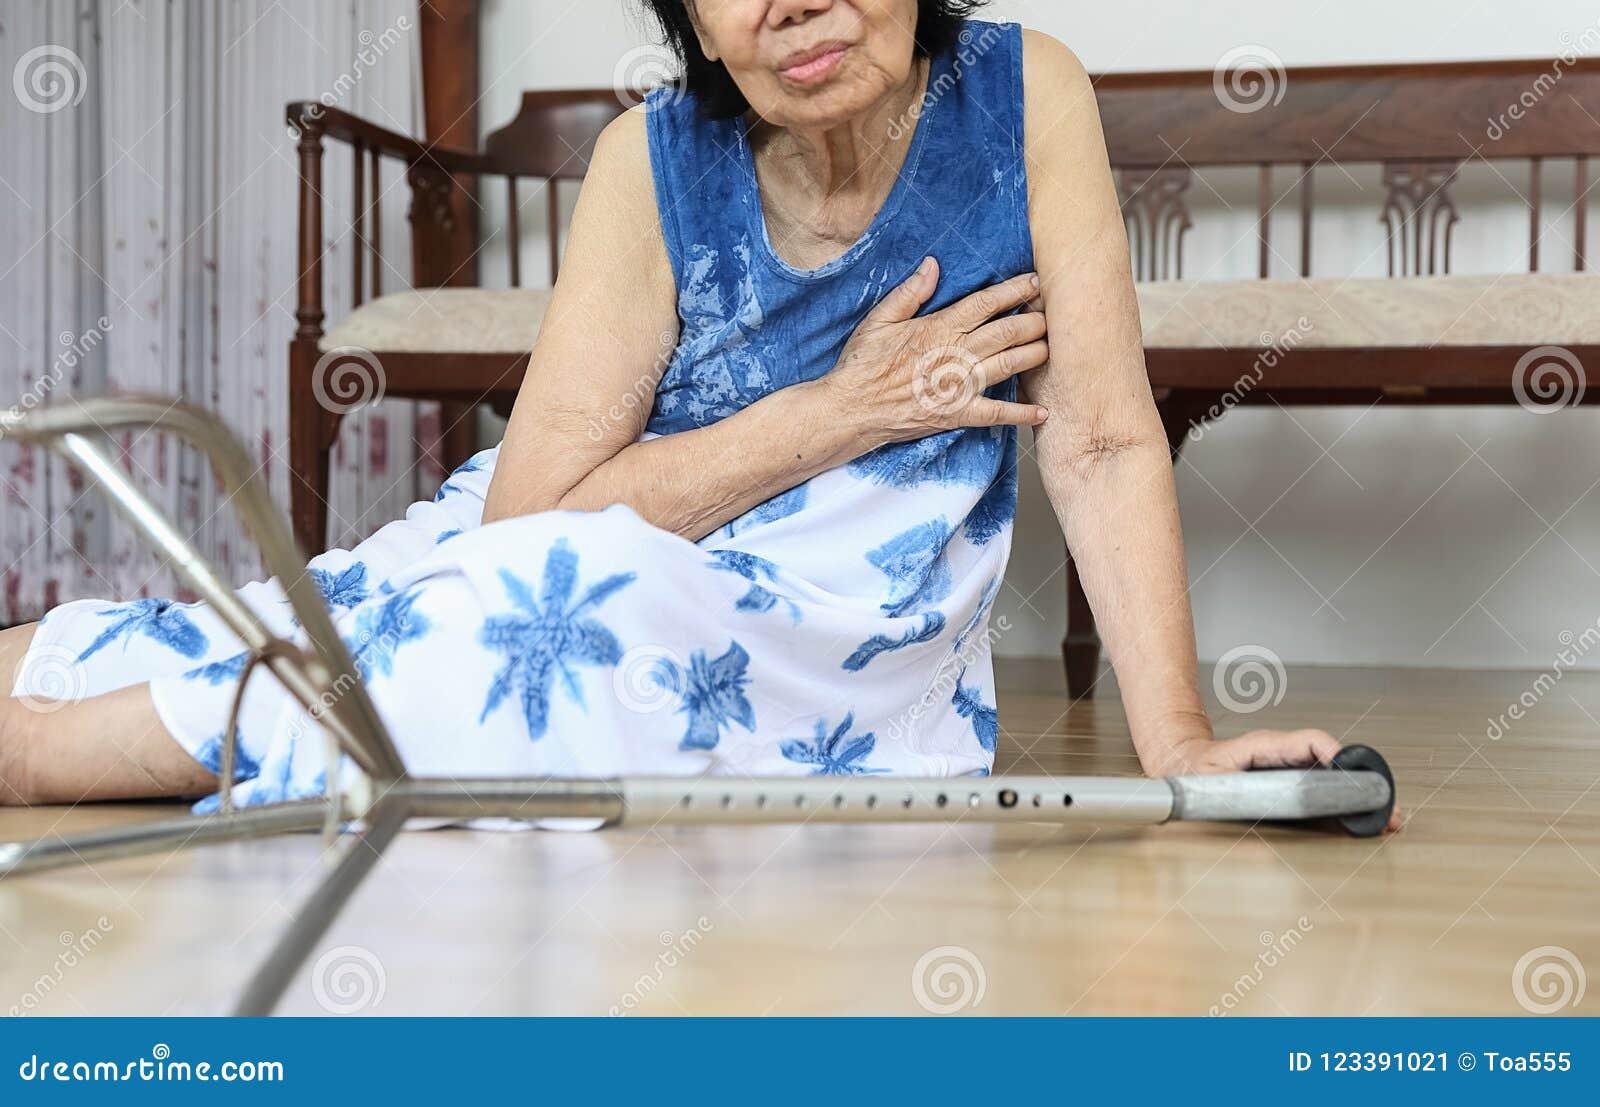 Starszej kobiety spada puszek w domu, hearth atak